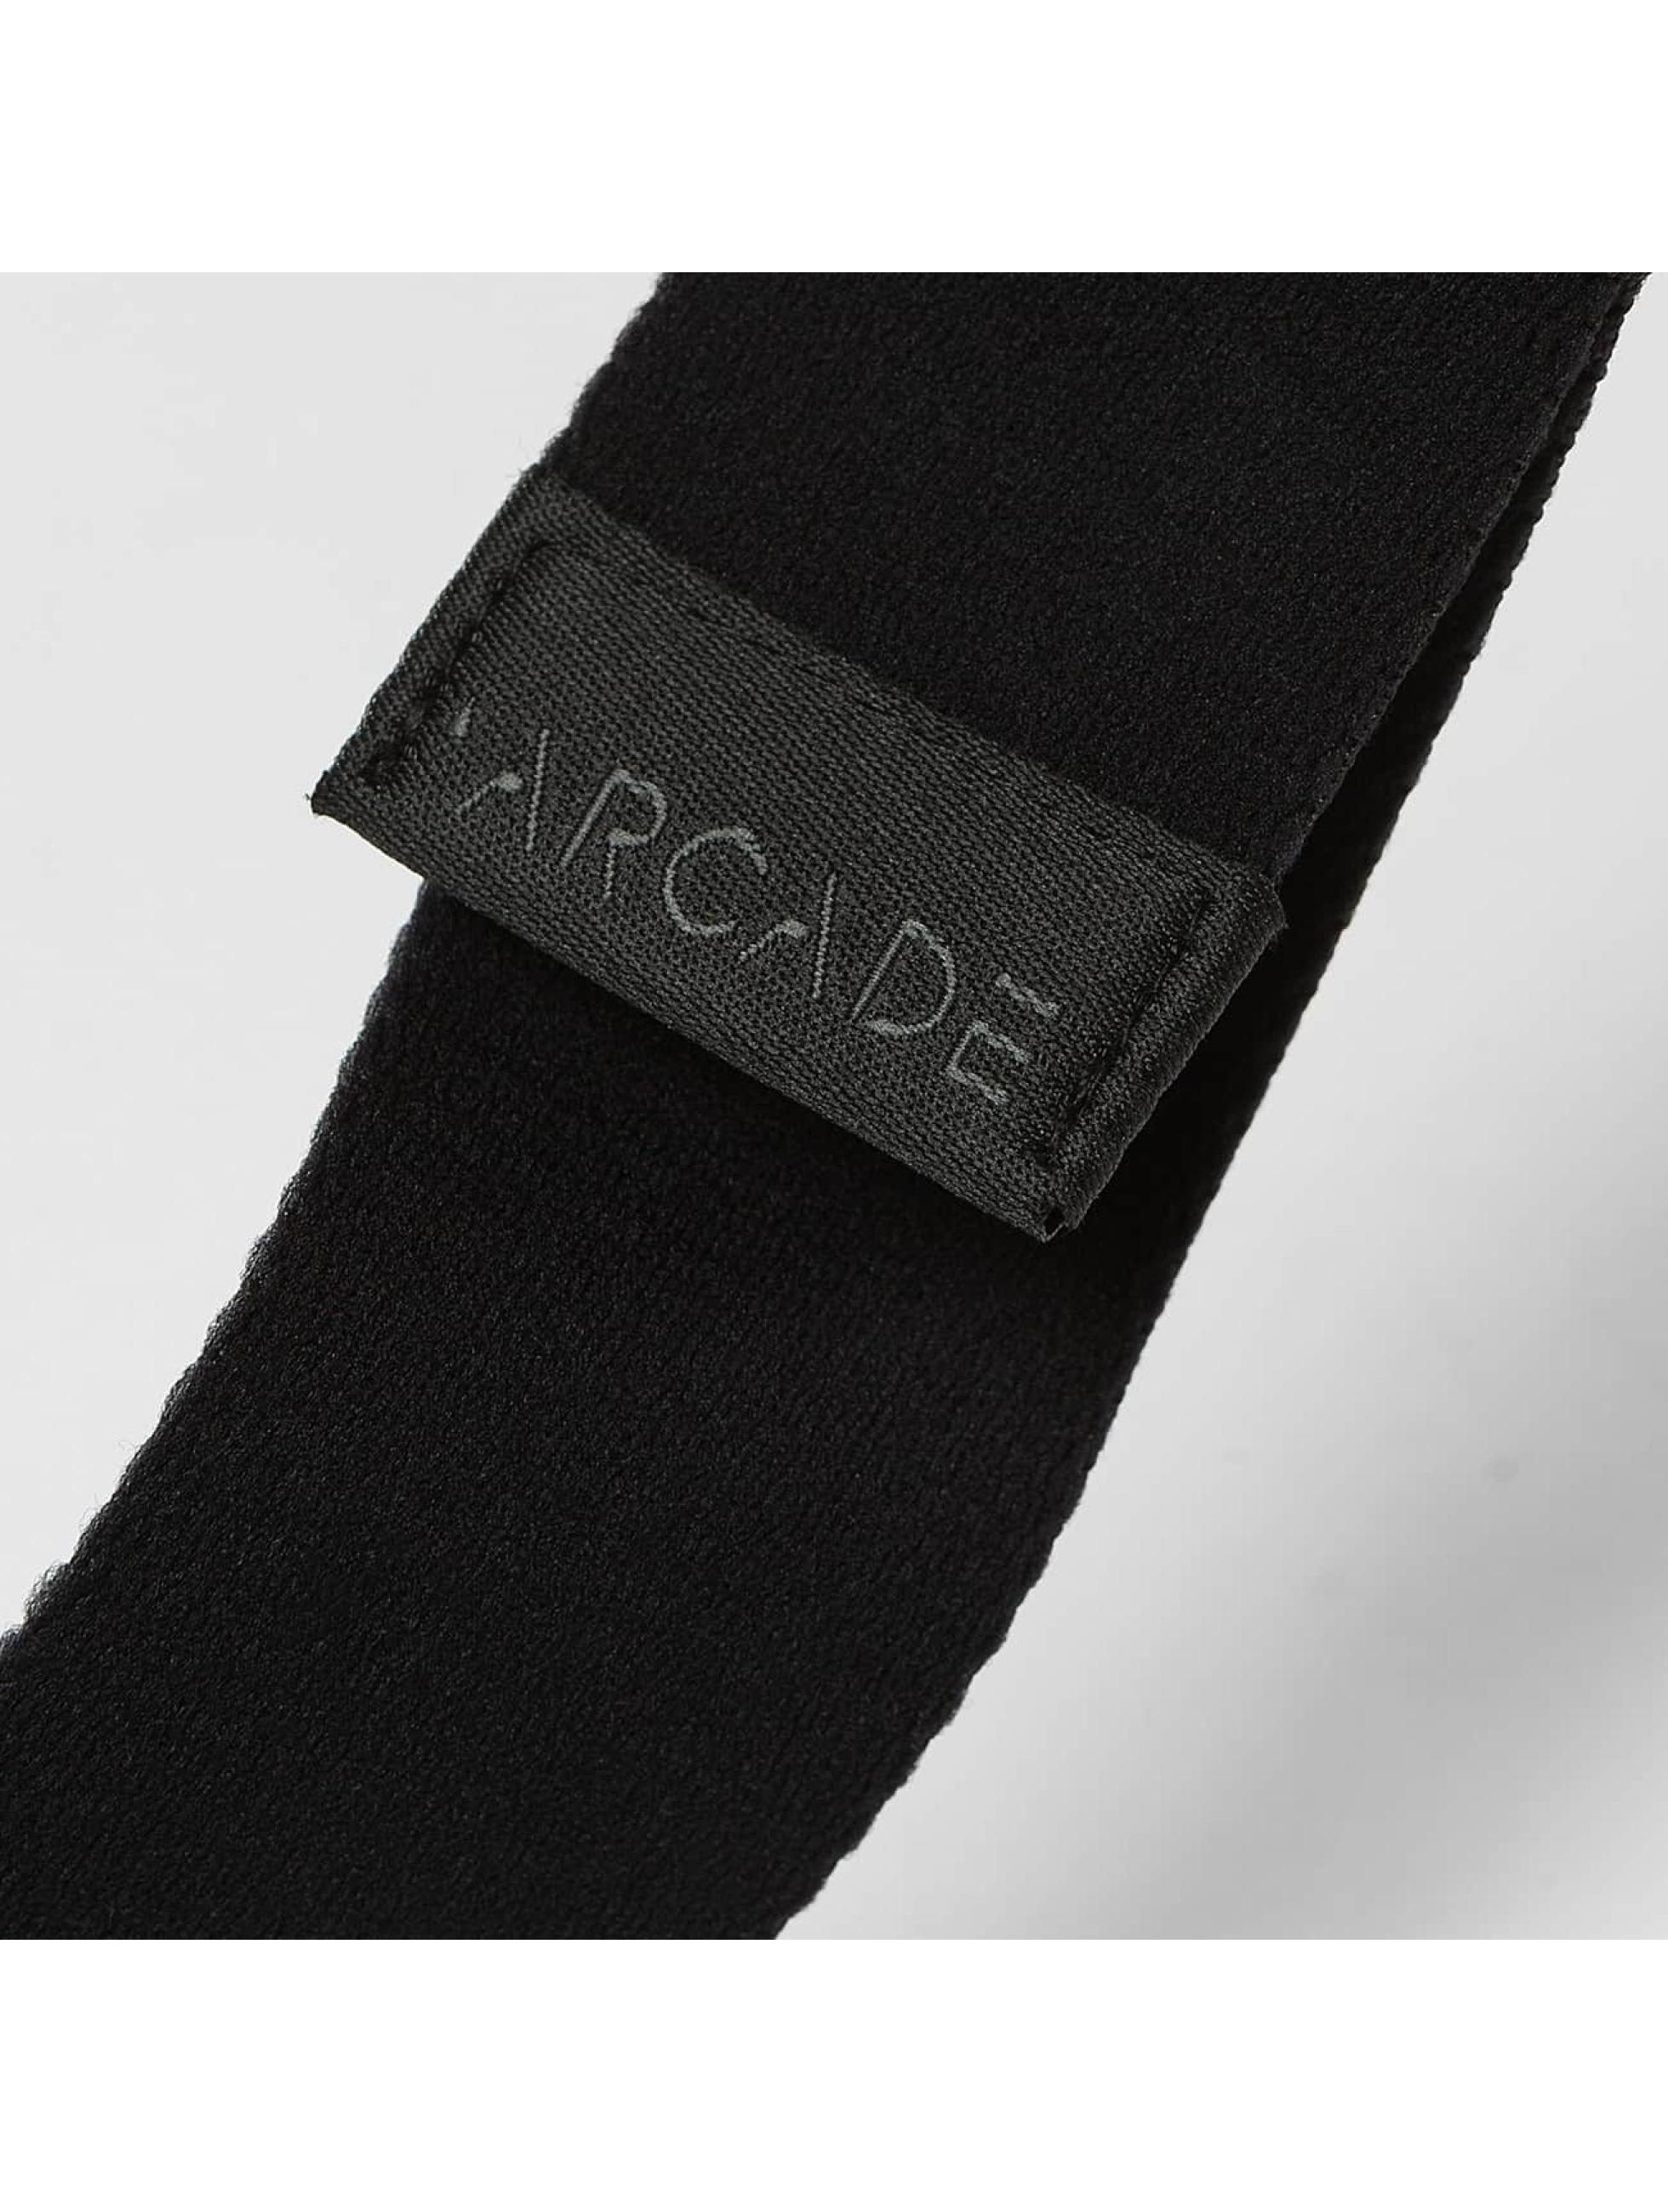 ARCADE Kopfhörer No Collection schwarz